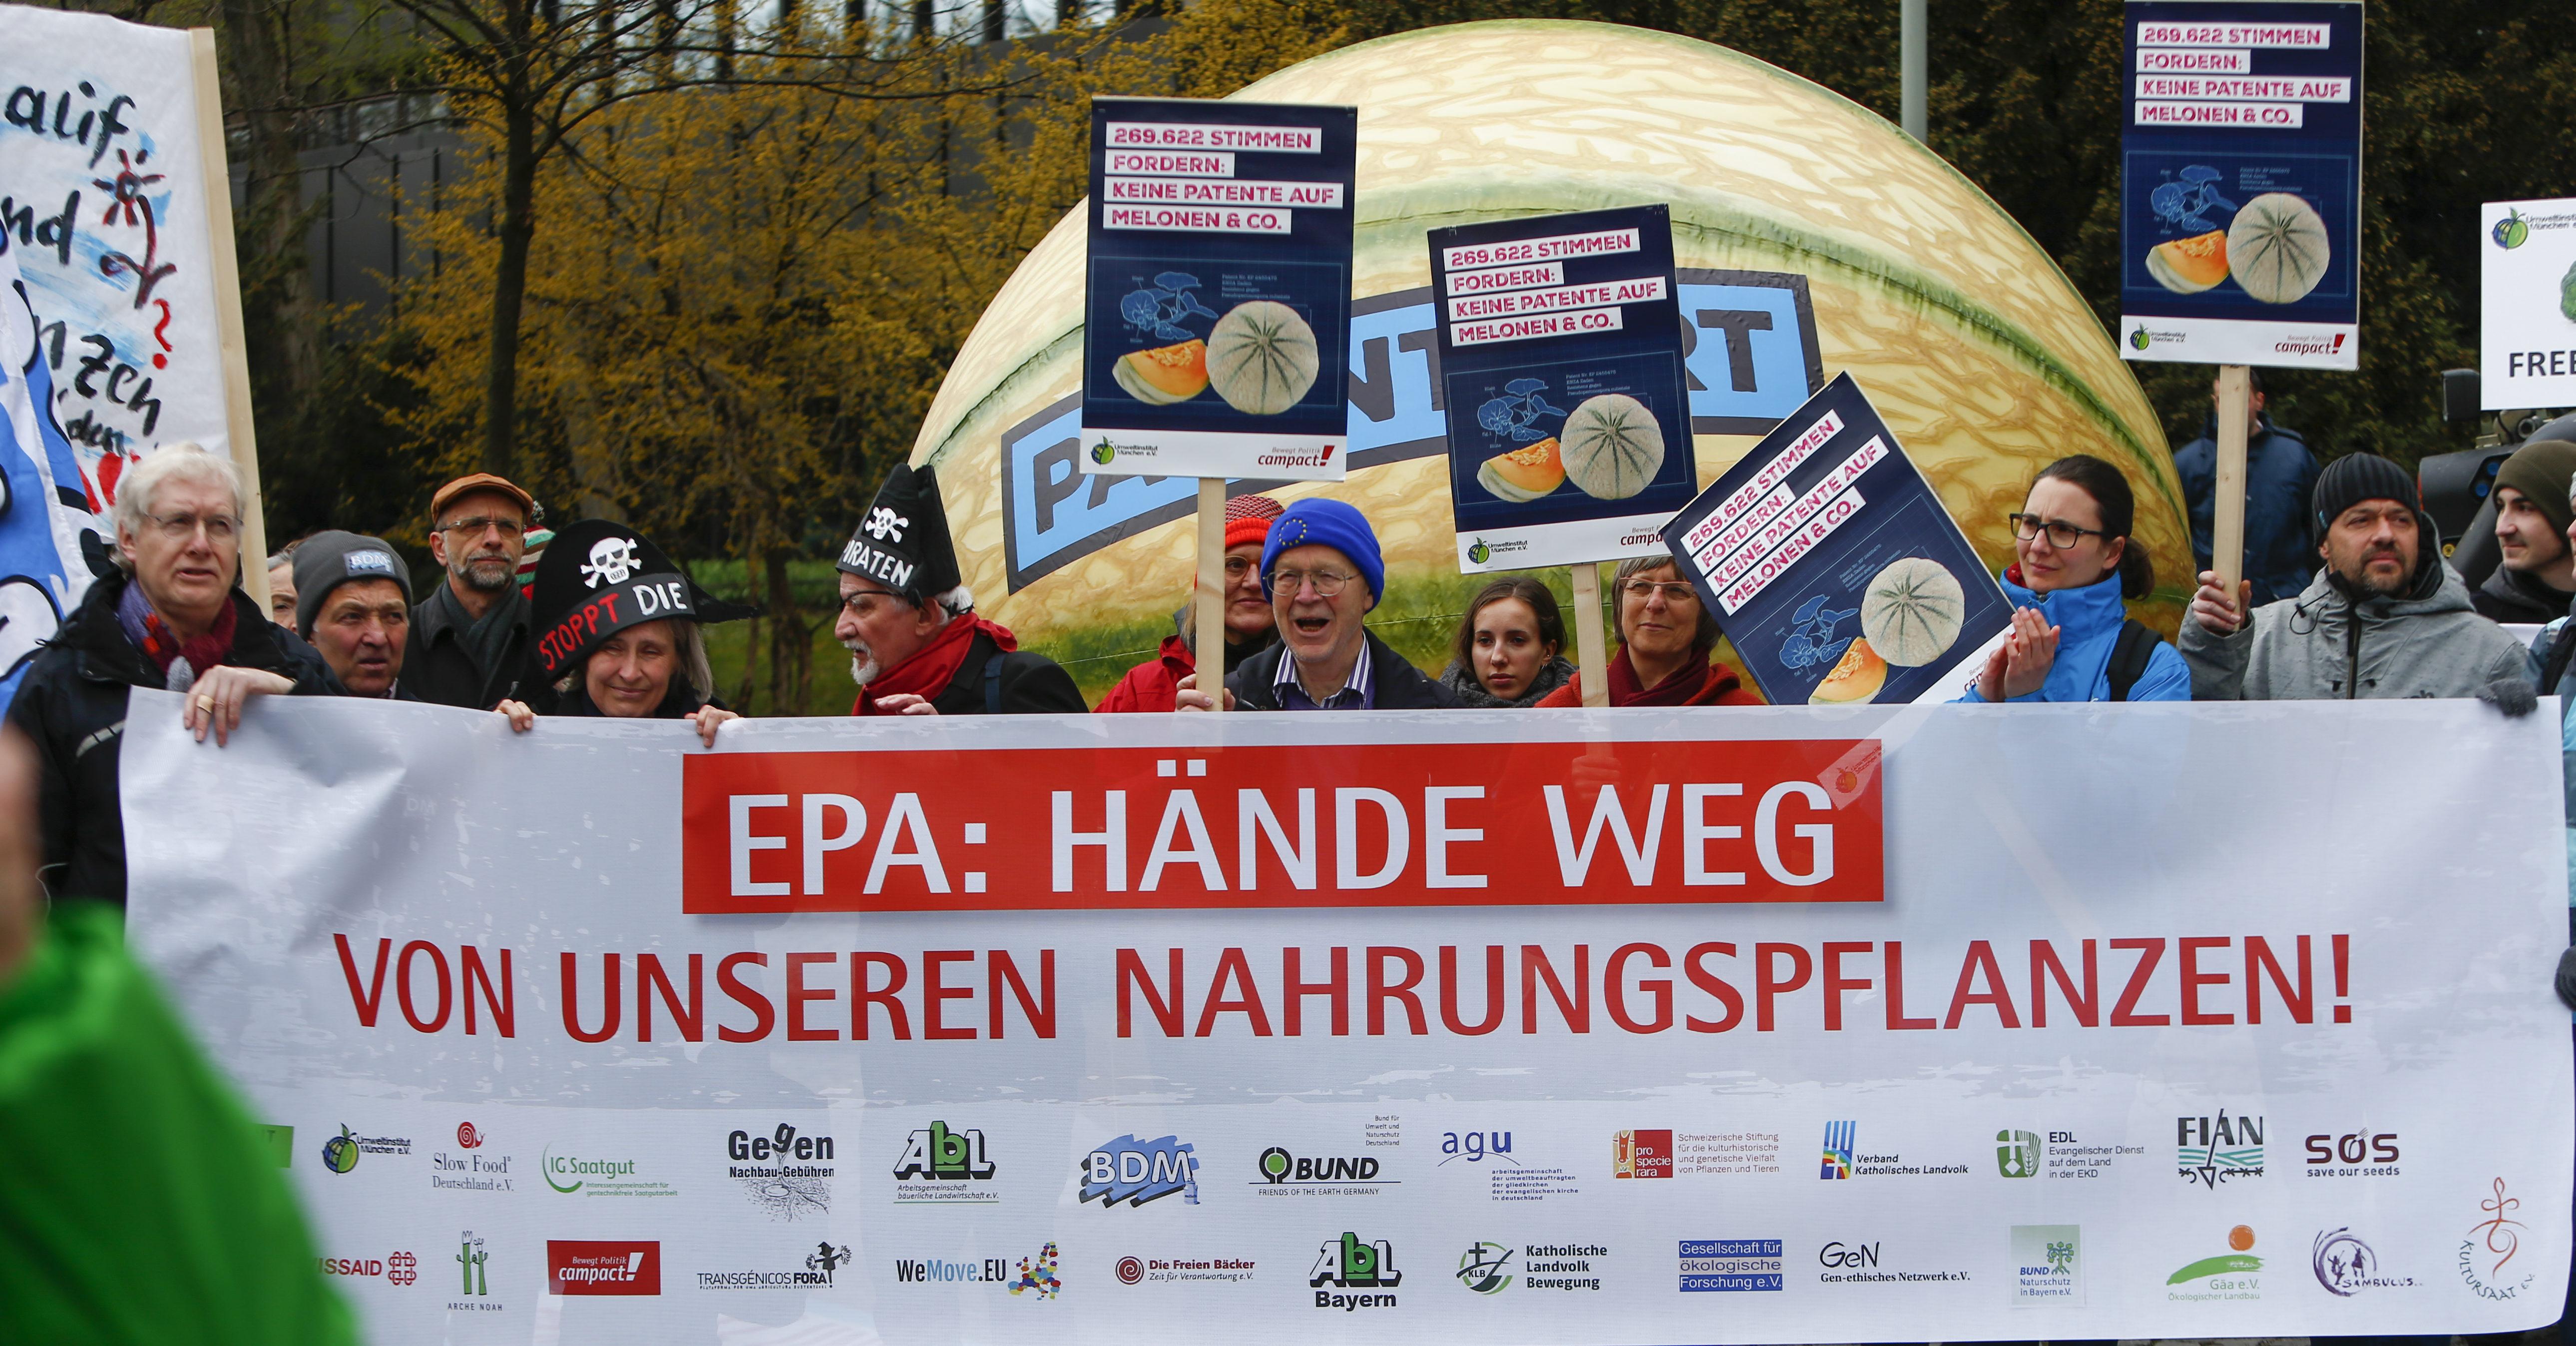 EPA: Hände weg von unseren Nahrungspflanzen